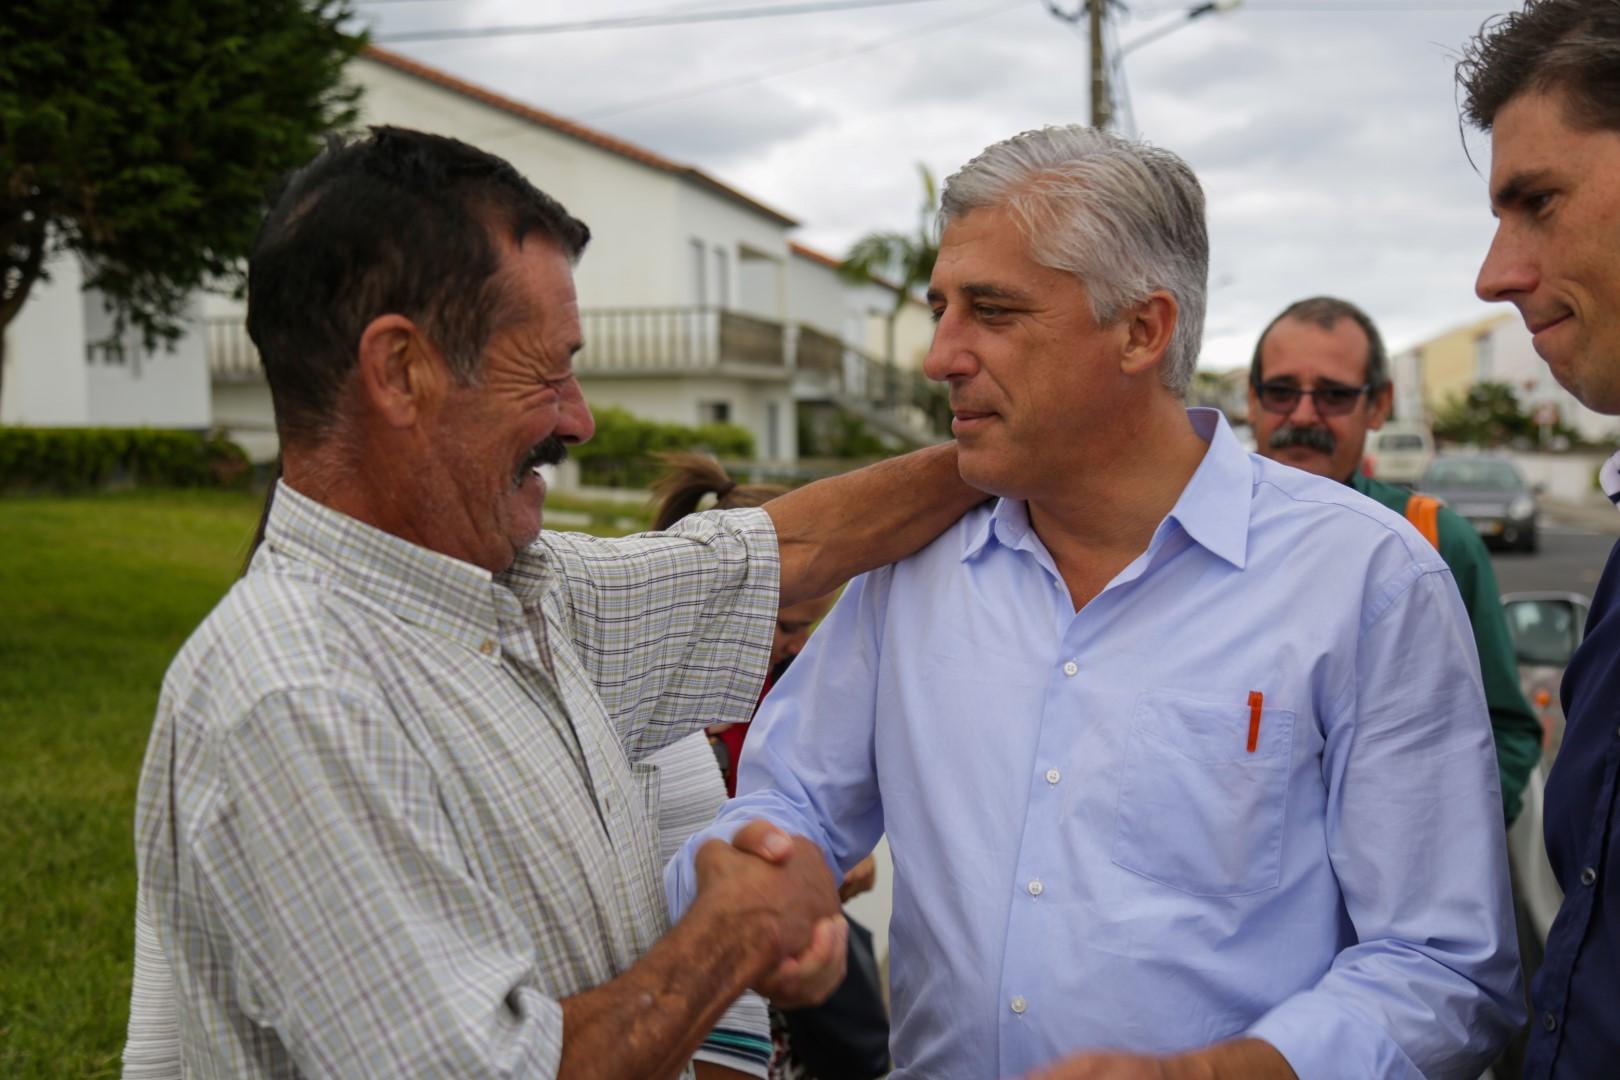 Duarte Freitas garante fazer apenas dois mandatos no governo